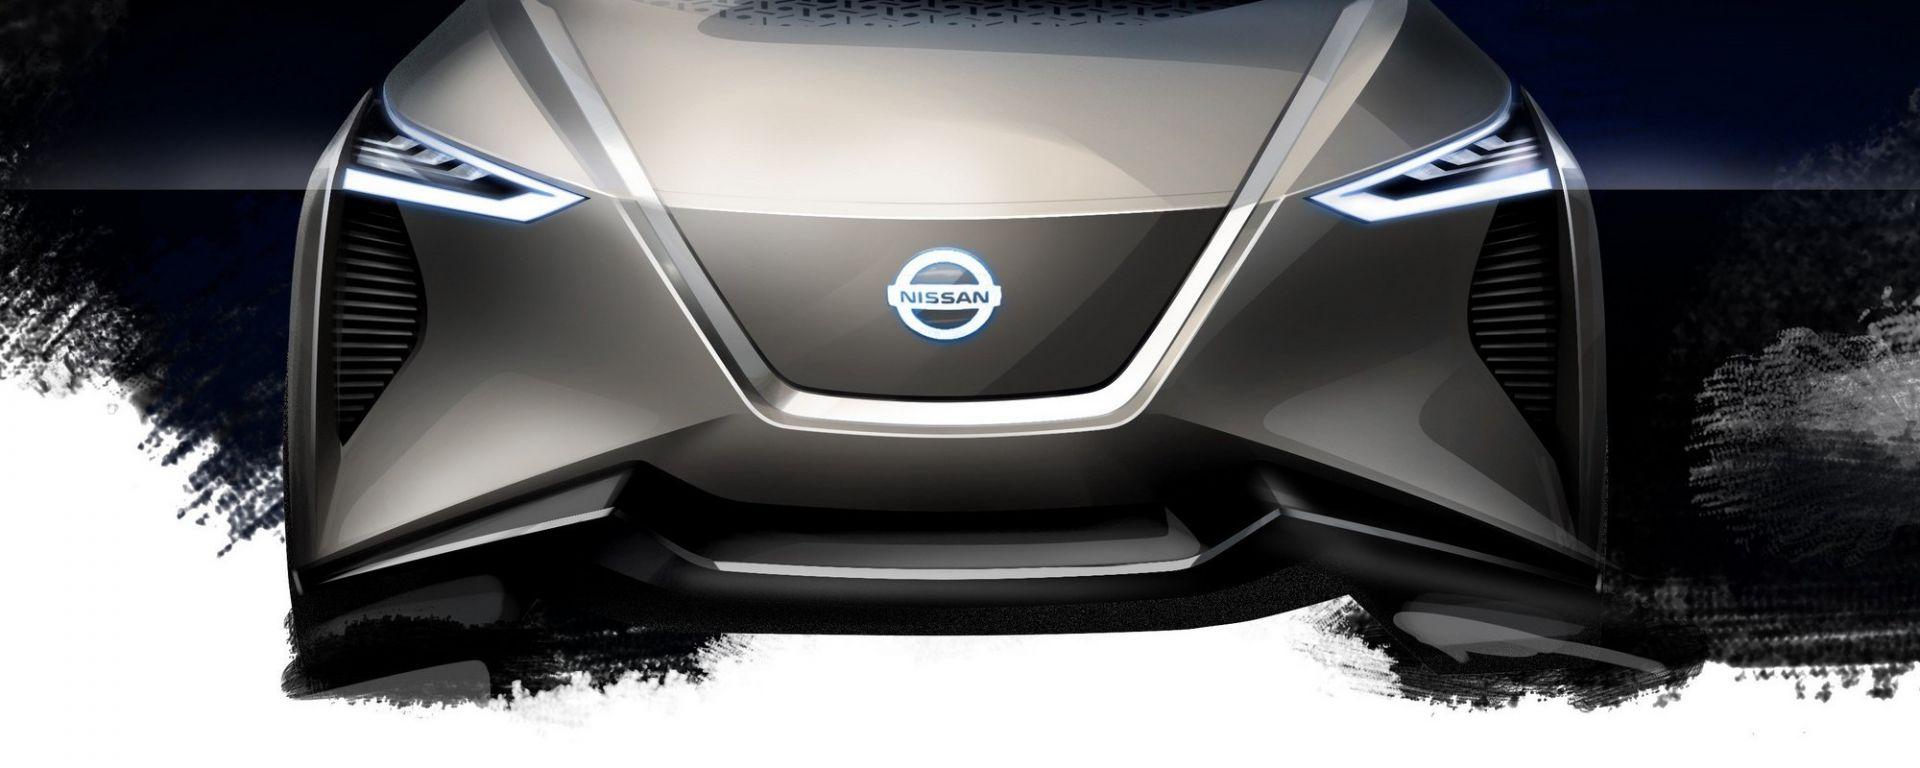 Nissan: tutto quello che sappiamo sul nuovo SUV elettrico